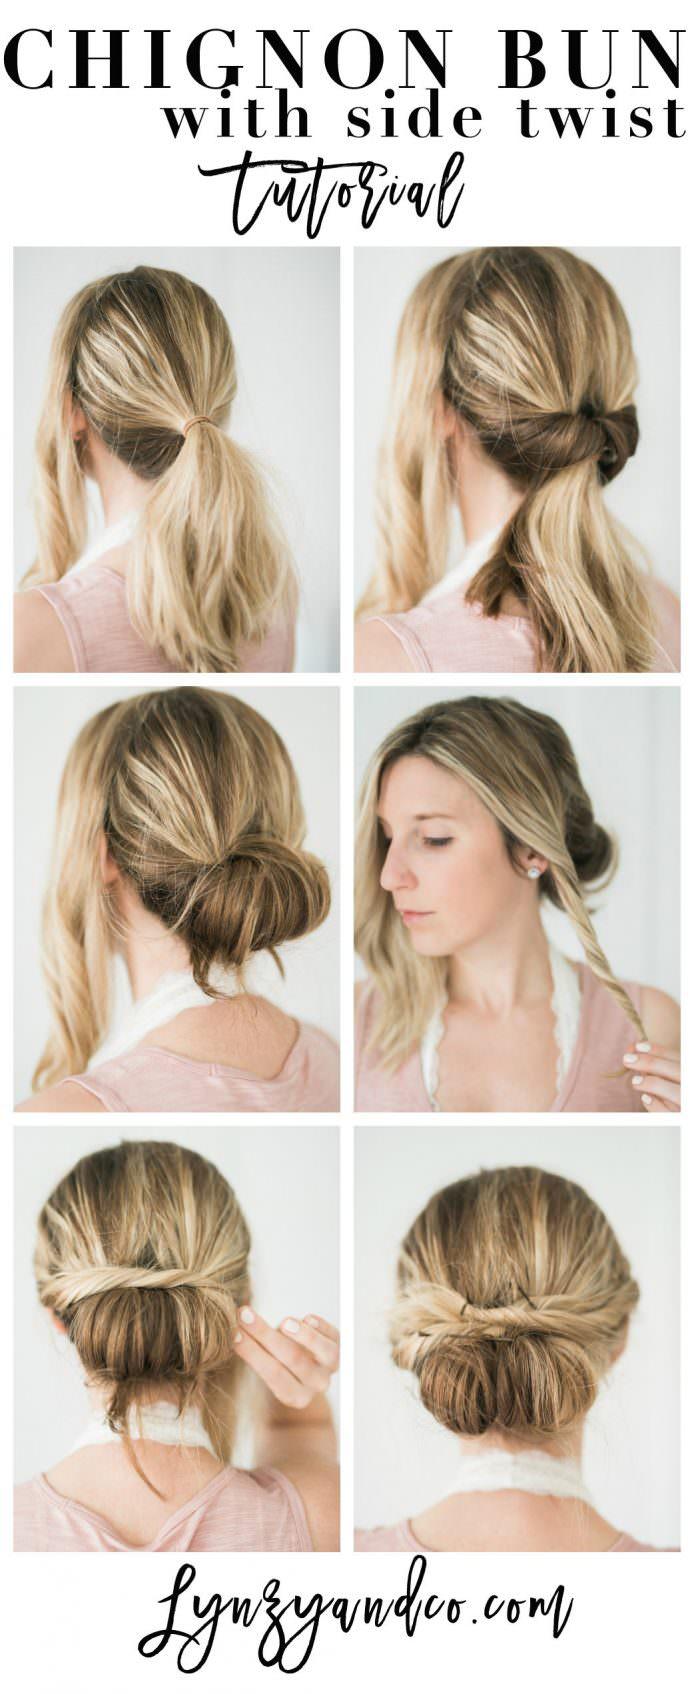 une coiffure romantique en torsade avec un chignon facile enroulé sur la nuque et des mèches torsadées fixées derrière la tête